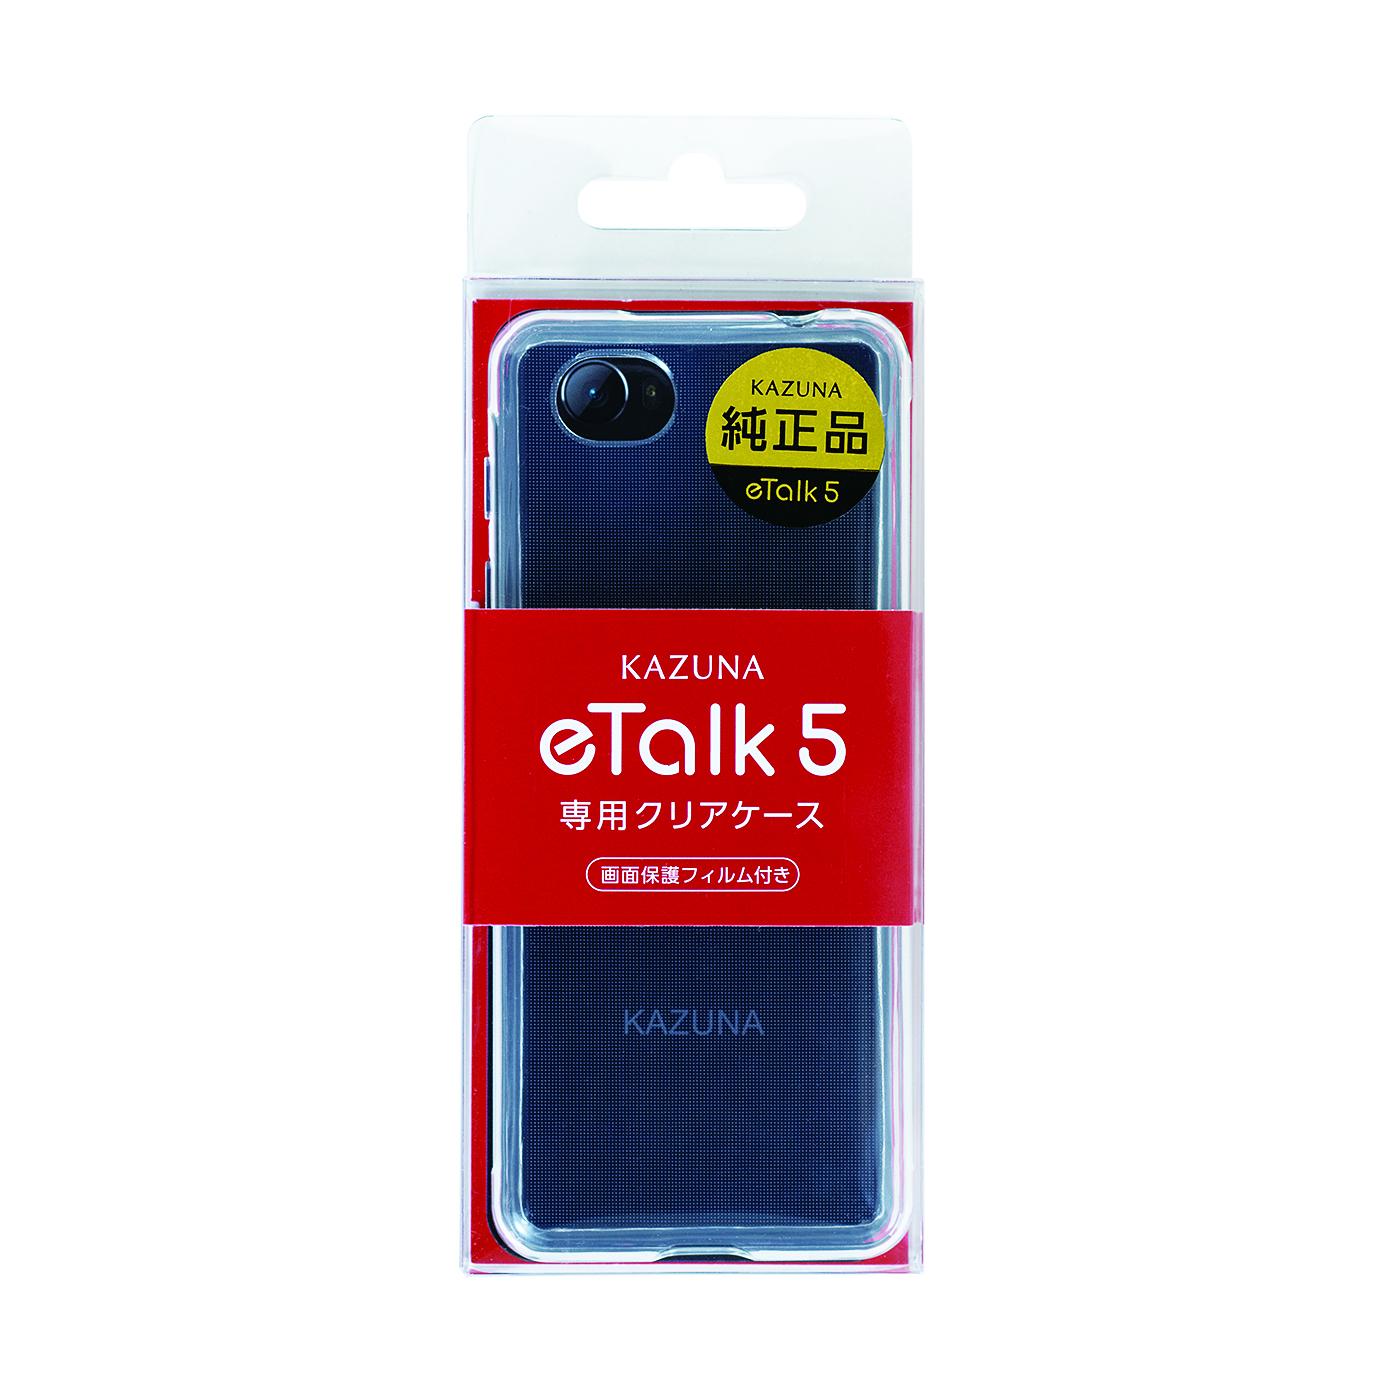 KAZUNA eTalk5専用クリアケース+画面保護フィルム付き(KAZUNA eTalk5純 正品)